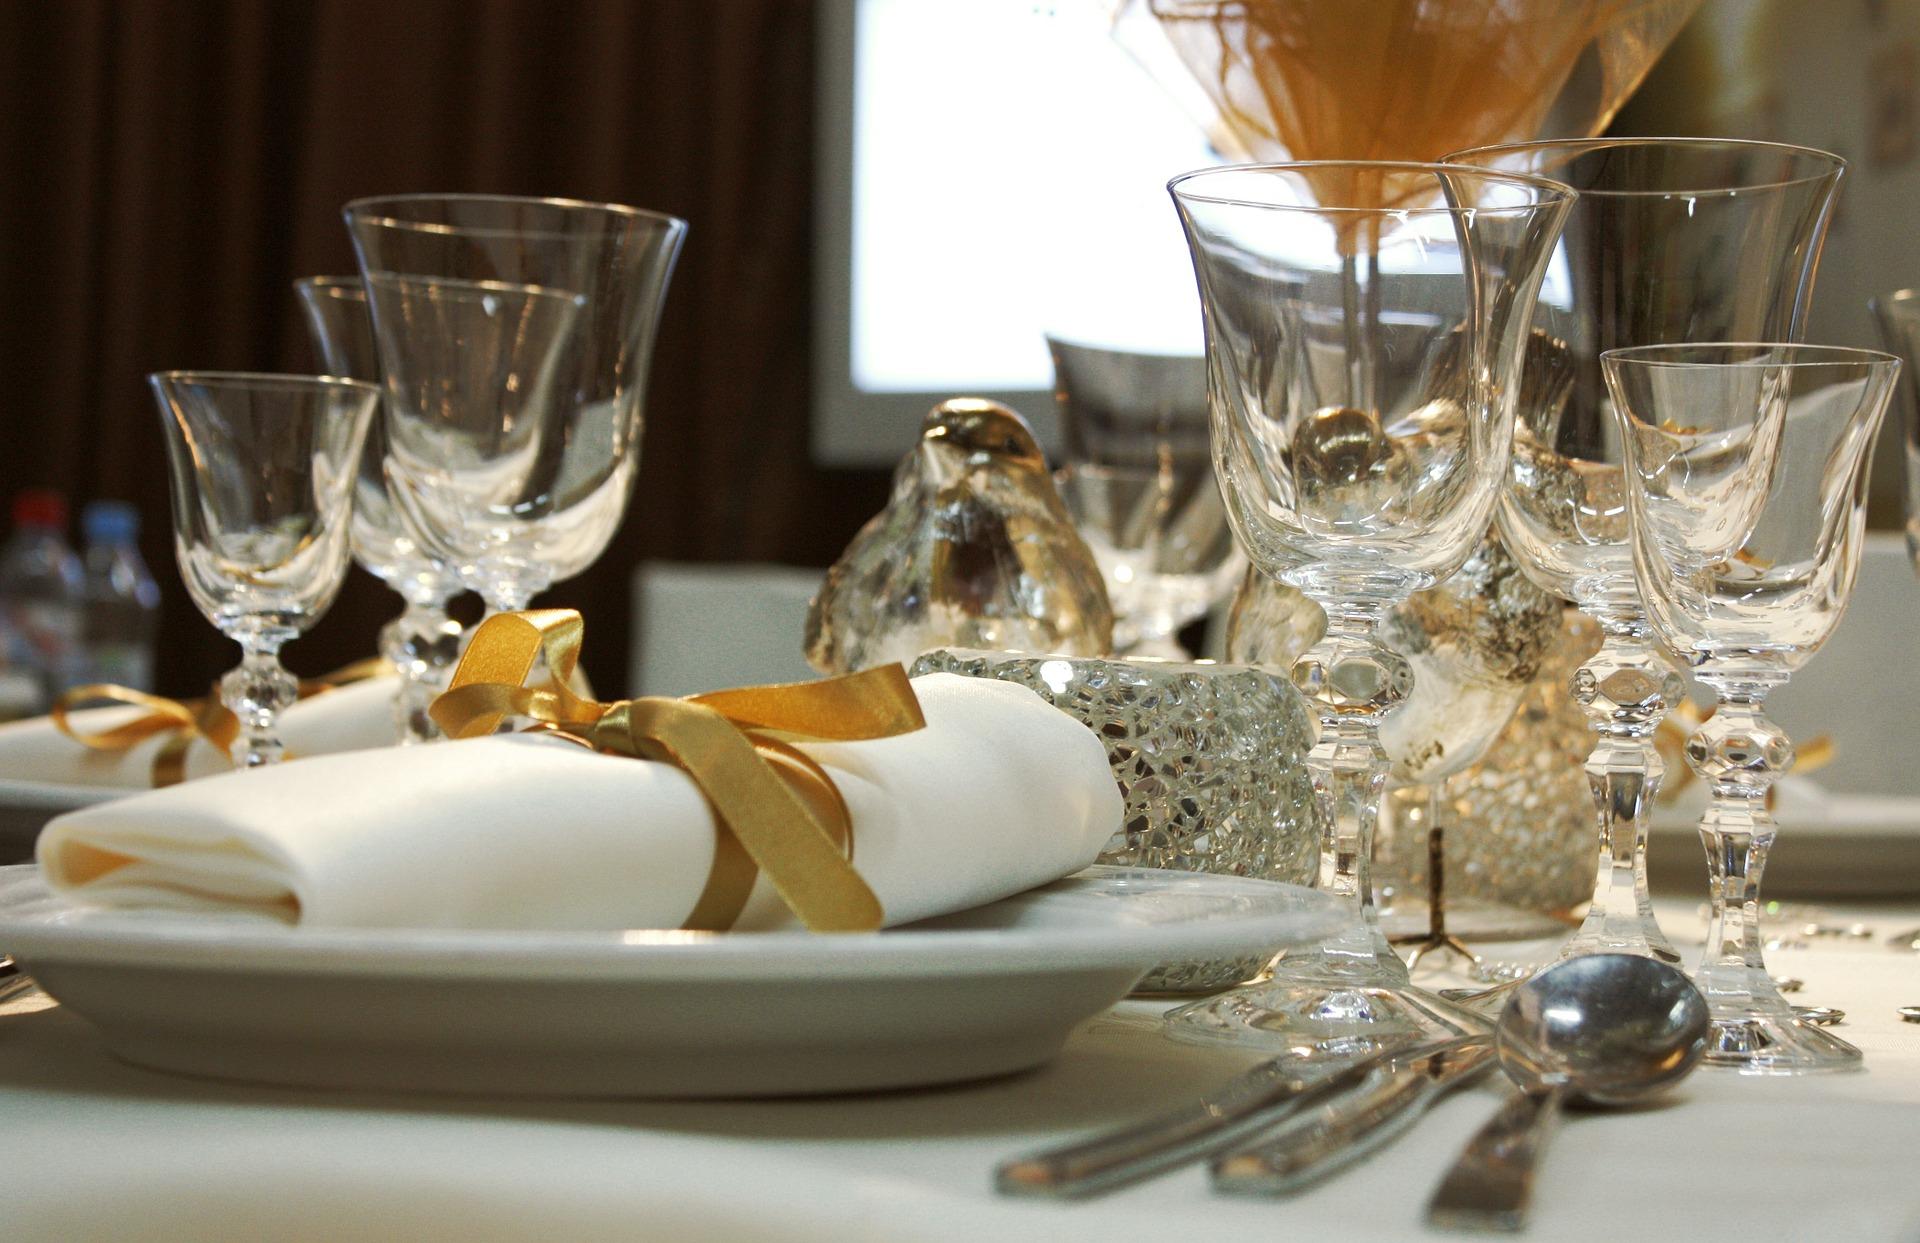 עיצוב שולחן קלאסי לחתונה